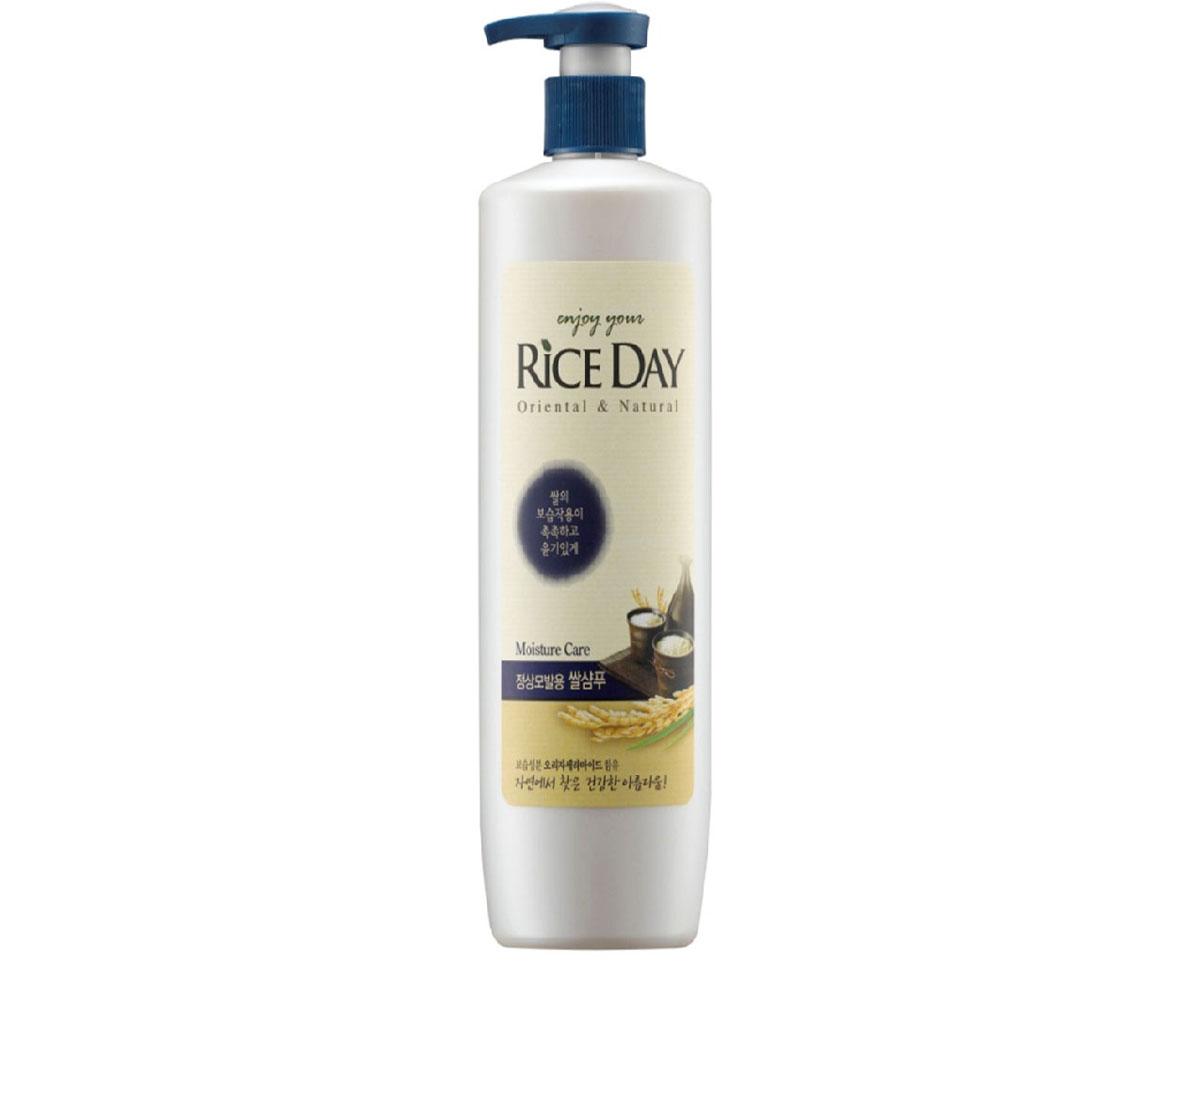 CJ Lion Шампунь для нормальных волос Riceday 550 гMP59.4DУвлажняющий шампунь для волос нормального типа с экстрактами рисовых отрубей, портулака огородного и керамидами. • Проникая в волос, керамиды заполняют пространство в наружном слое кутикул, предохраняя волосы от ломкости и придавая им блеск и ухоженный вид • Масло рисовых отрубей глубоко увлажняет и питает волосы, защищает от воздействия УФ-лучей, предотвращает преждевременное выпадение волос и способствует их росту • Экстракт портулака огородного защищает волосы от агрессивного внешнего воздействия окружающей среды, помогает волосам сохранять естественный блеск.